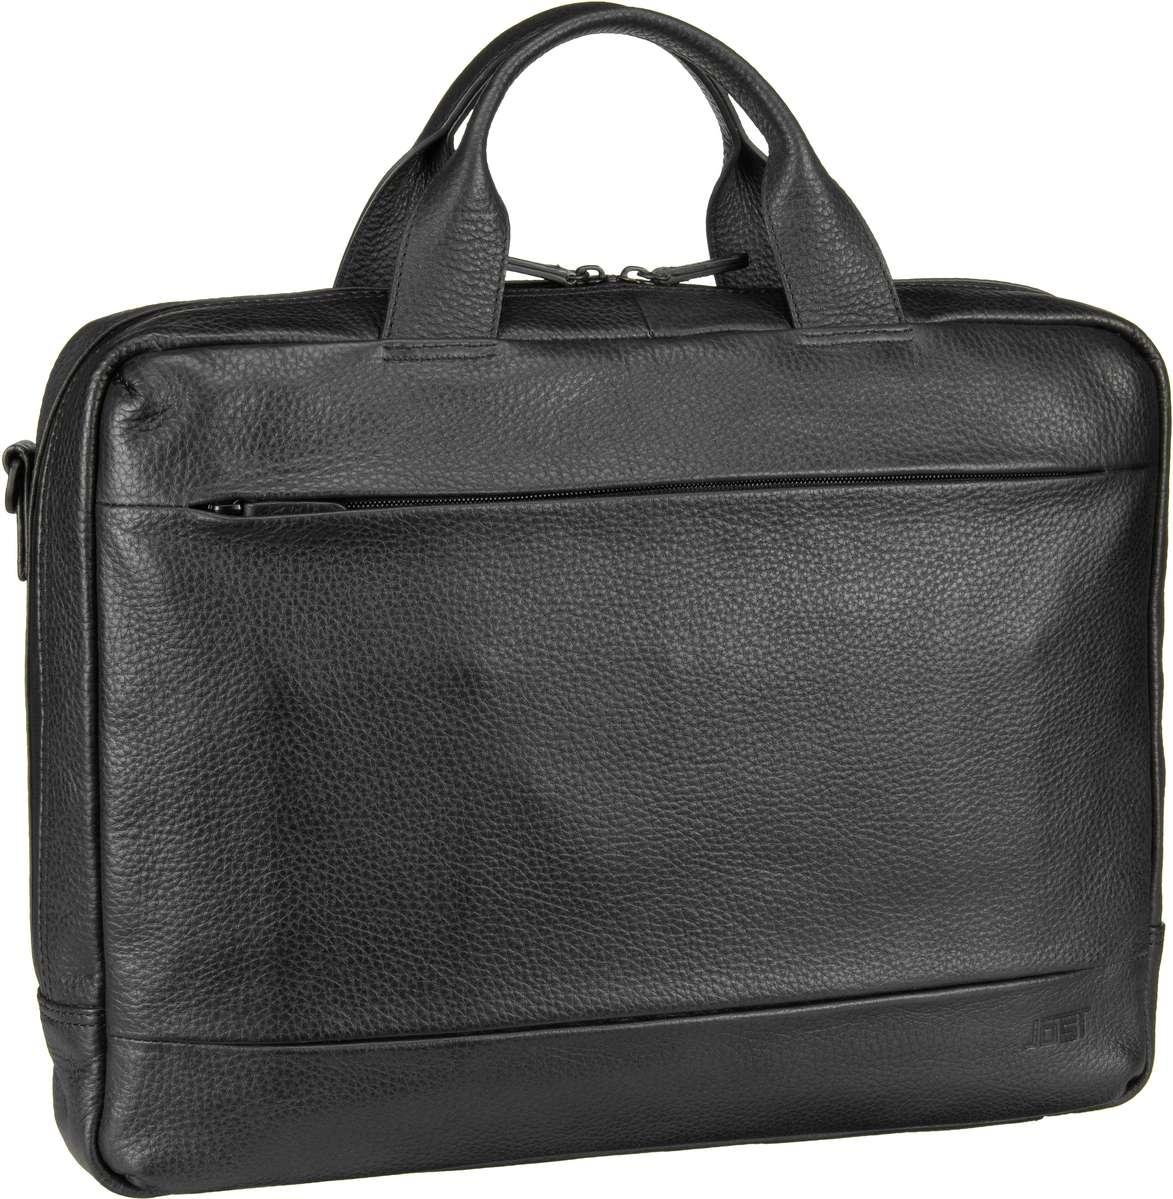 Jost Notebooktasche / Tablet Stockholm 4562 Businesstasche Schwarz